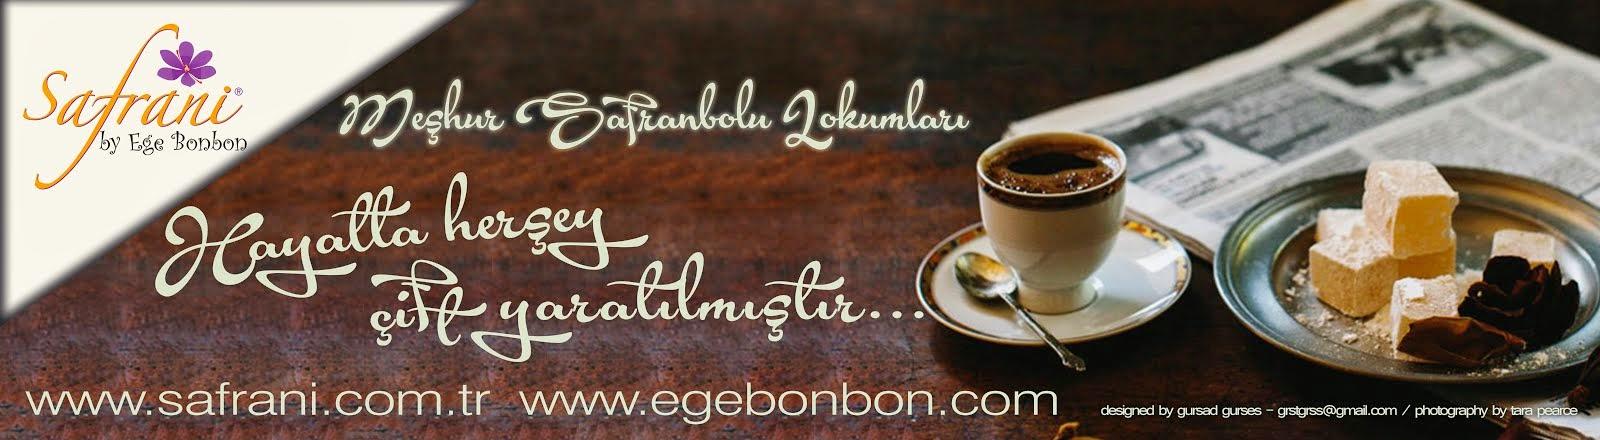 www.safrani.com.tr